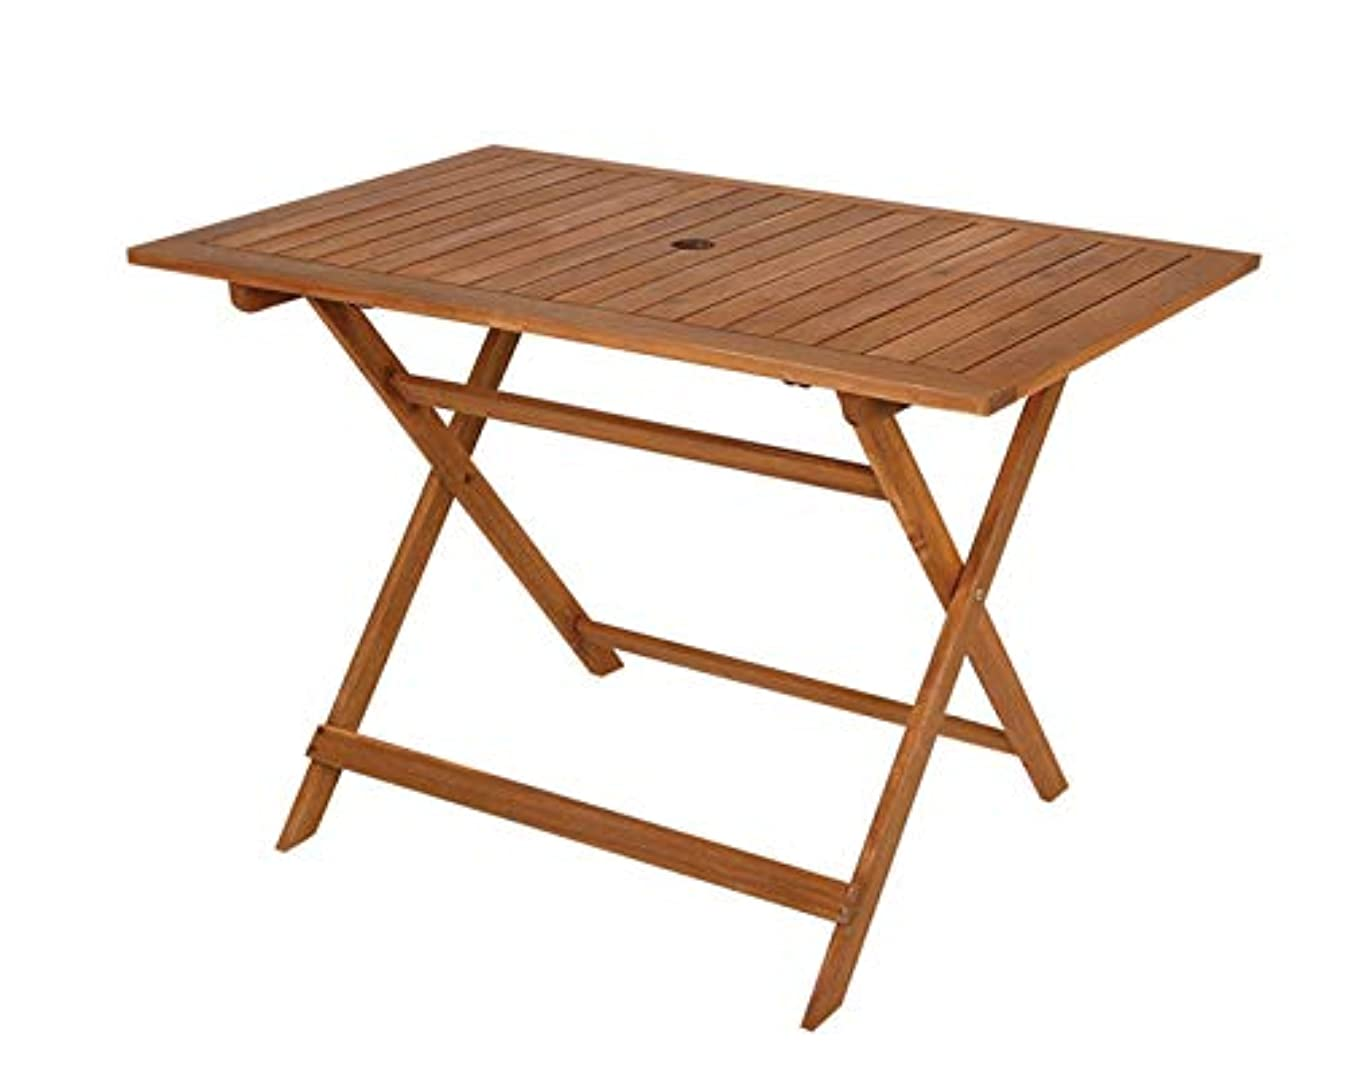 場合瞳子供達キャプテンスタッグ(CAPTAIN STAG) テーブル サンフォレスト FDロングテーブル 110 MG-2746